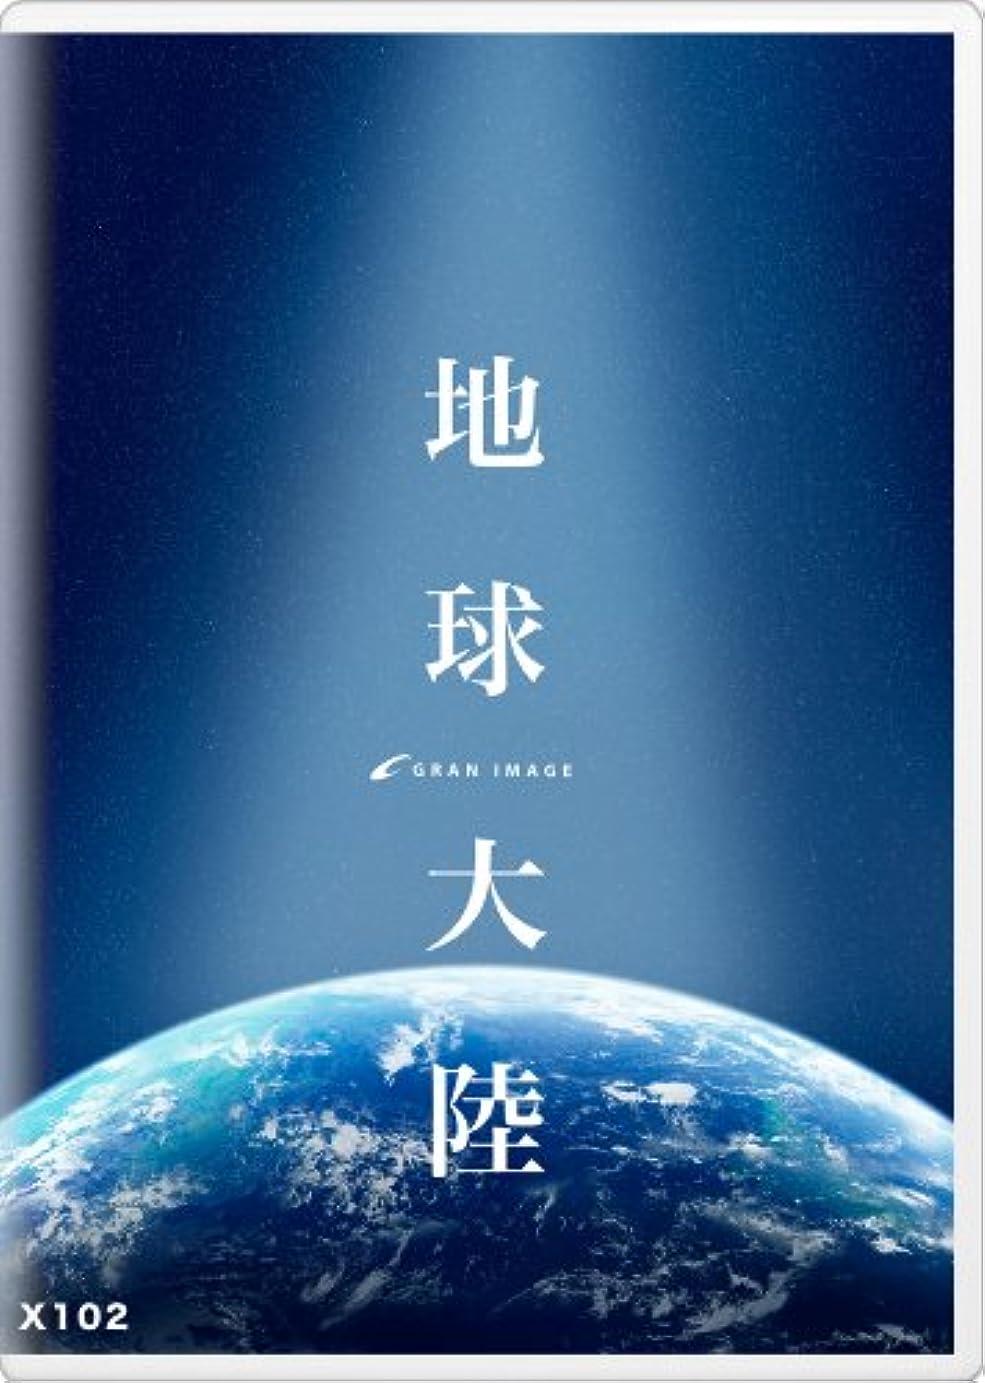 コカイン呼びかける傑出したグランイメージ X102 地球大陸(ロイヤリティフリー画像素材集)